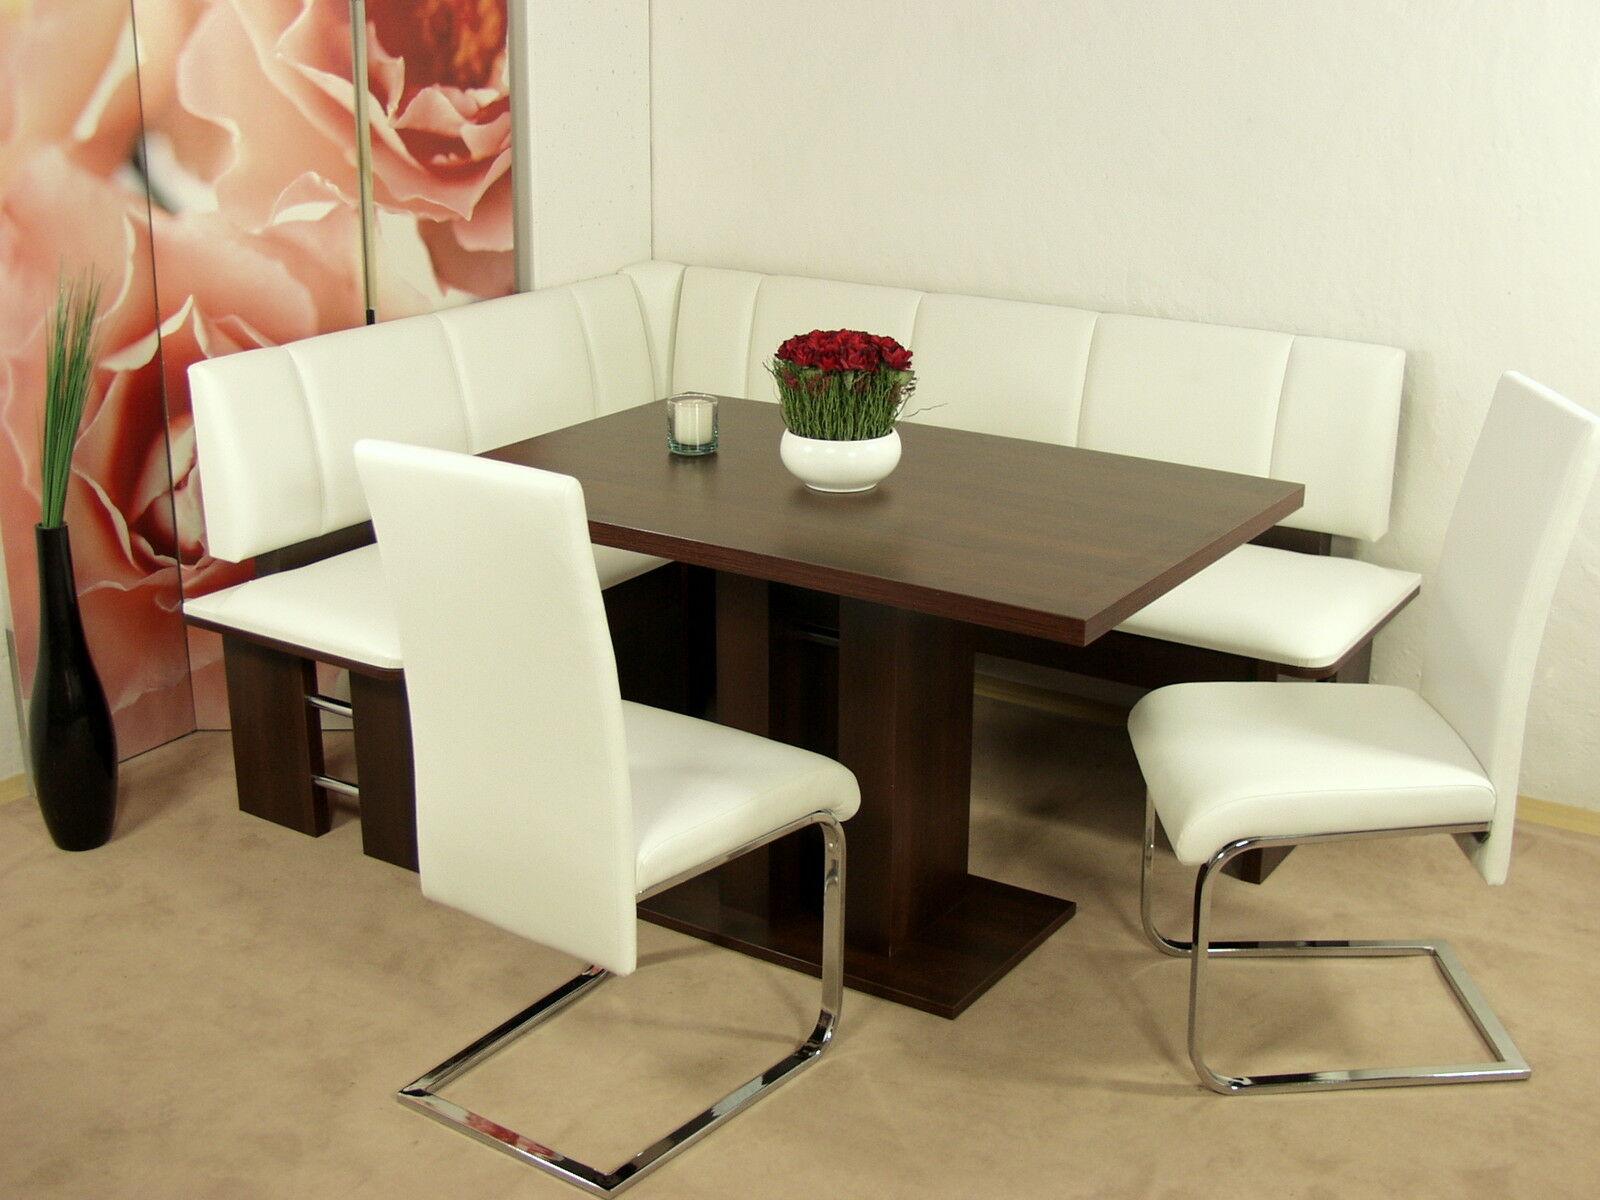 Attraktiv Moderne Eckbank Galerie Von Eckbankgruppe Nußbaum Stühle Tisch Dinninggruppe Design Neu